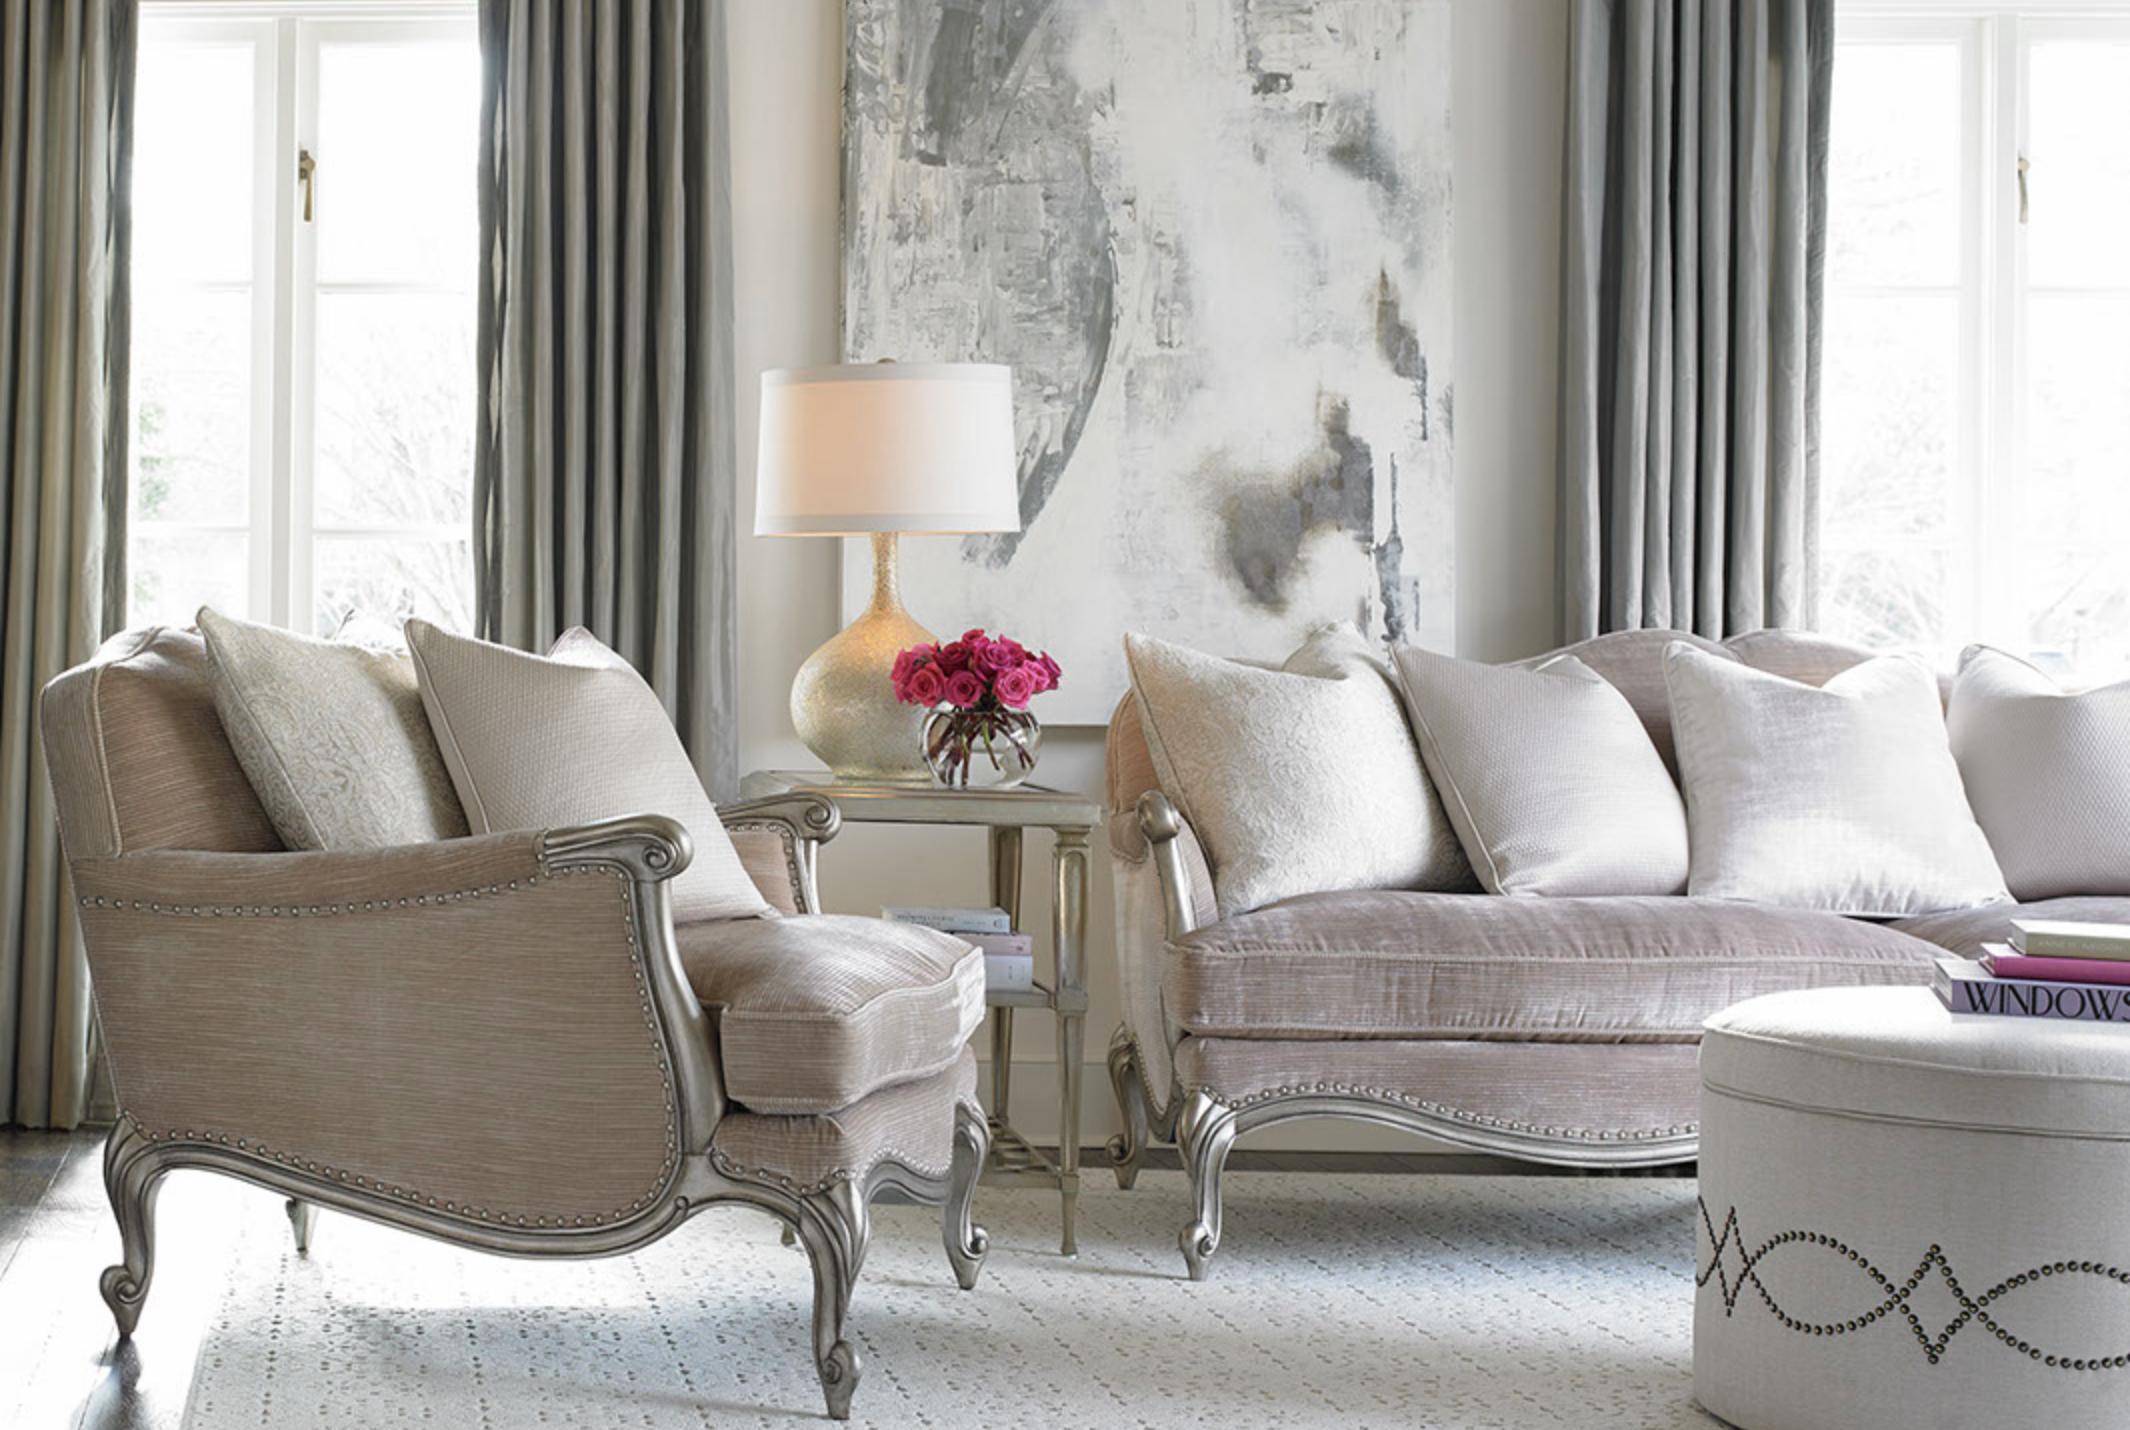 WO_Home Fashion_Furniture13